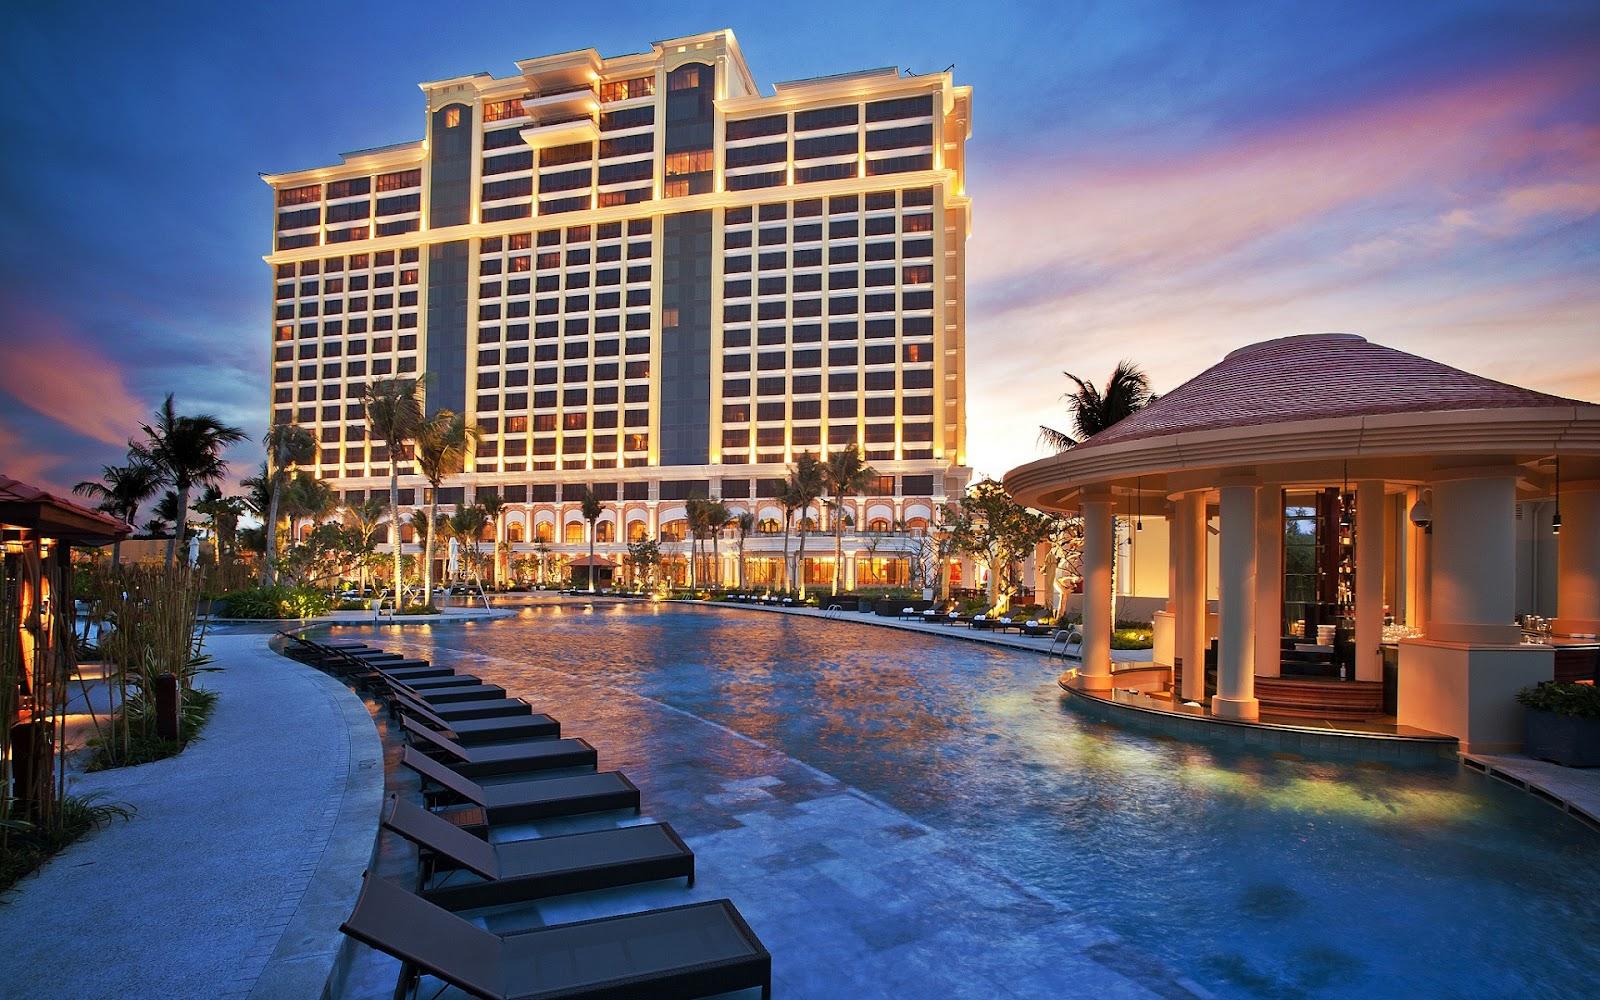 Khu nghỉ dưỡng The Grand Hồ Tràm Strip Resort